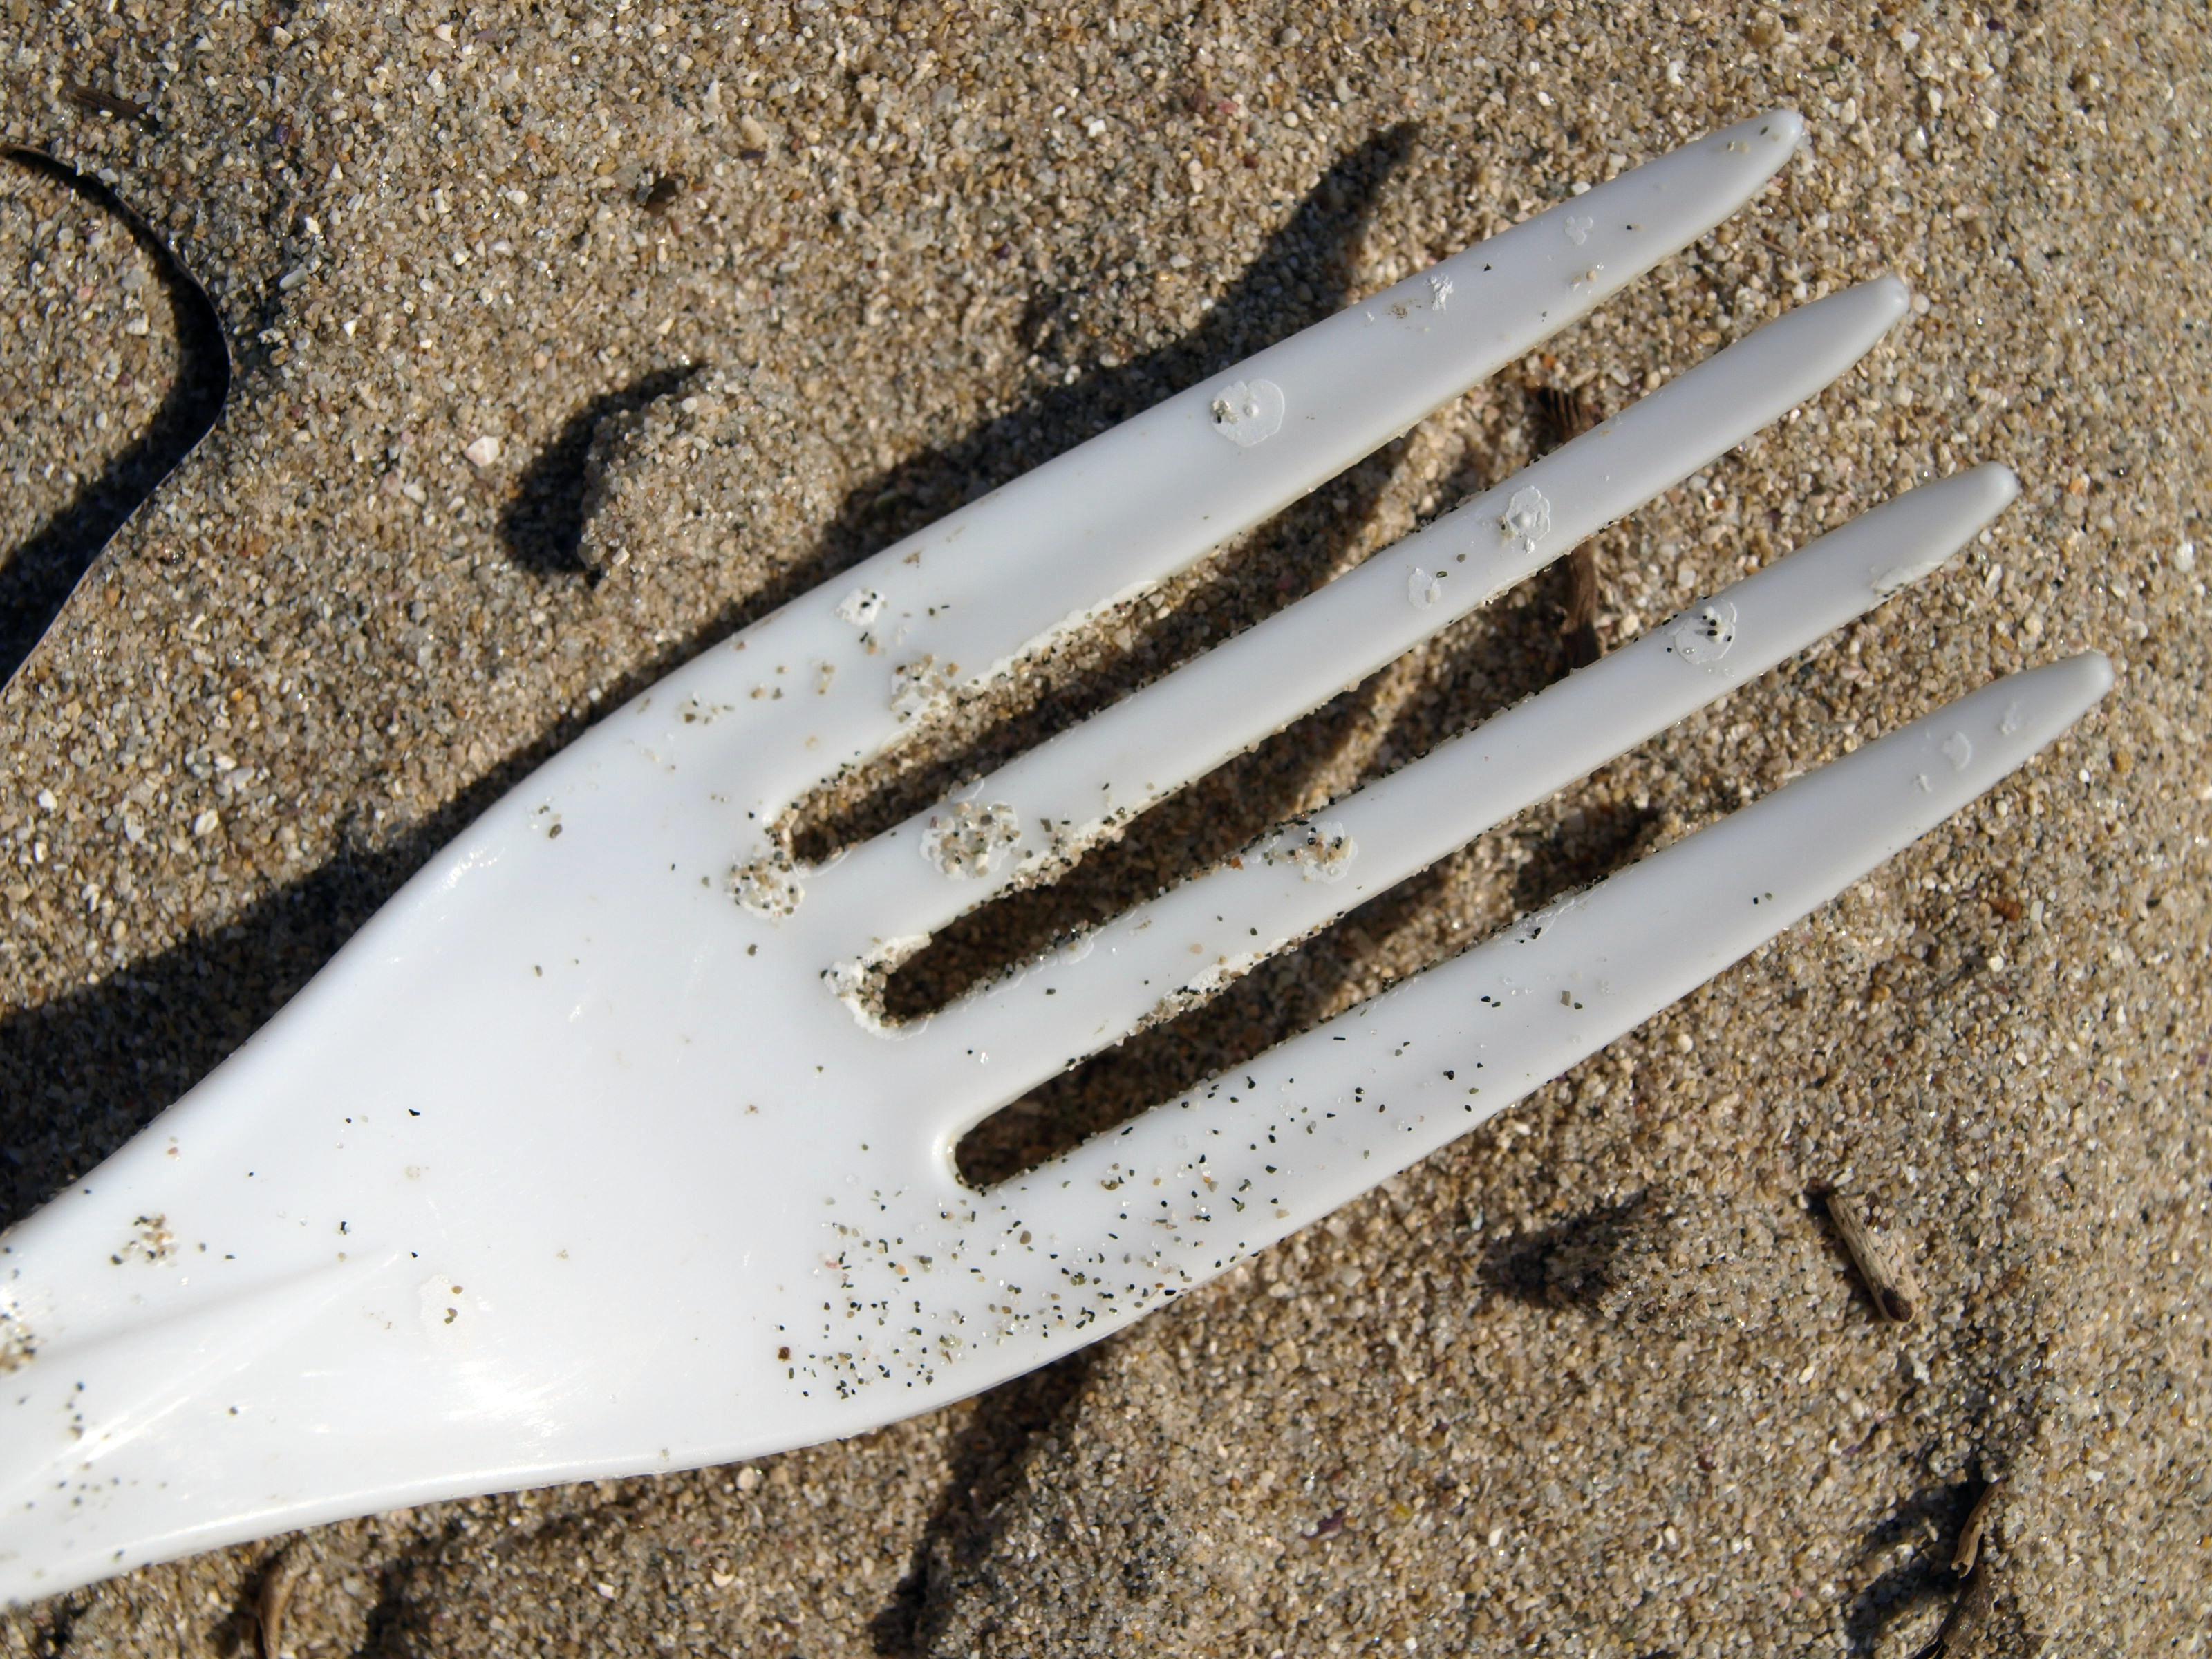 Plastik nimmt Schadstoffe auf (c) CFalk/Pixelio